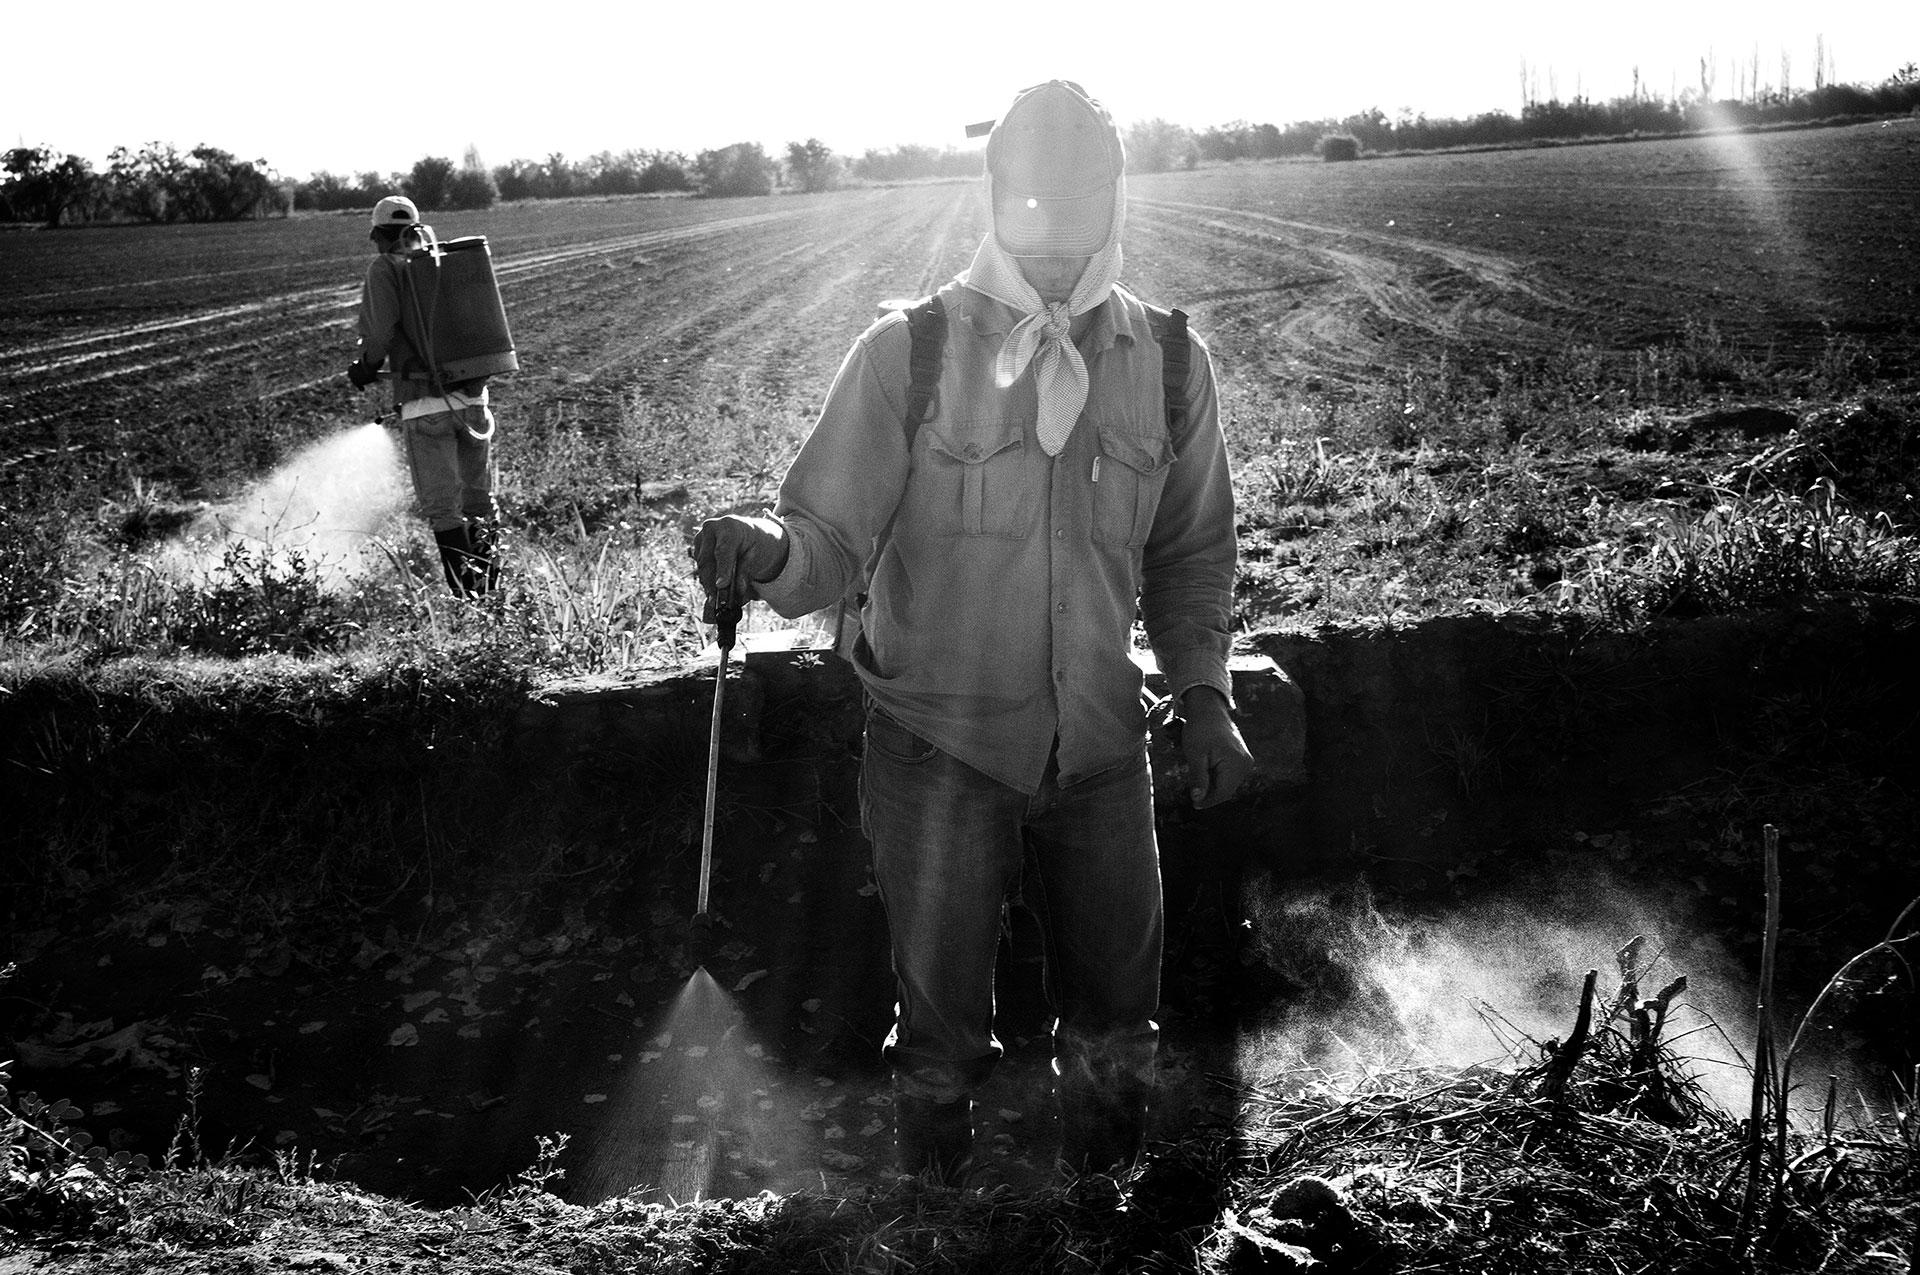 16/9/2015. Villa Dolores, Provincia de Córdoba, Argentina. Fumigadores trabajando con productos químicos agrícolas. Recientemente, un estudio de la Universidad de La Plata señaló que entre el 70% y el 80% de las frutas y hortalizas vendidas contienen al menos 2 o 3 agrotóxicos.